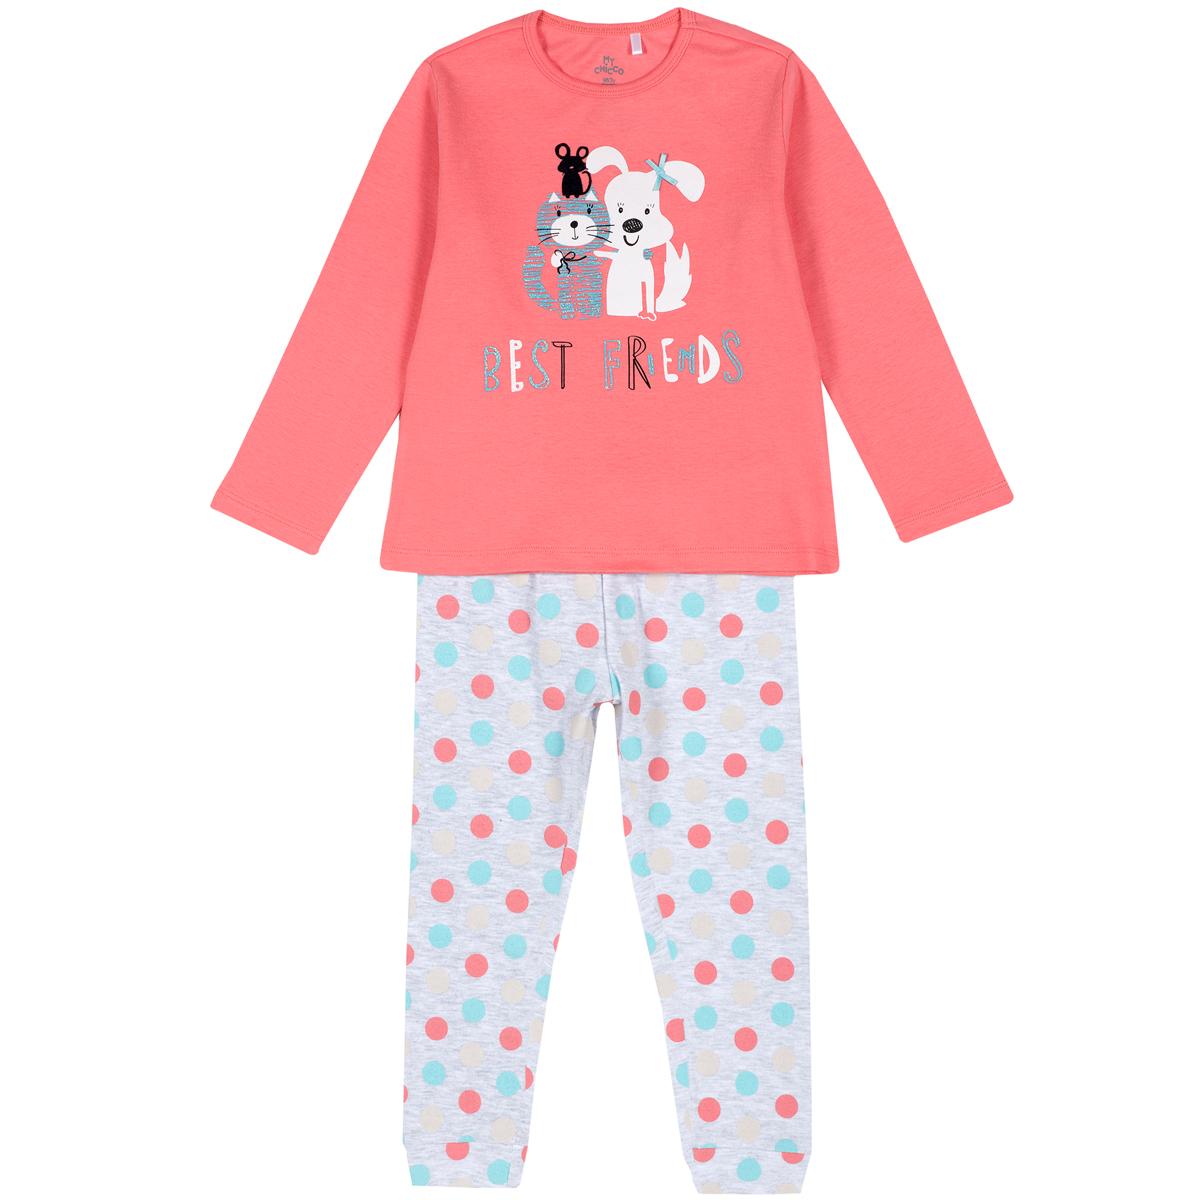 Pijama copii Chicco, roz, imprimeu animale, 31263 din categoria Pijamale copii